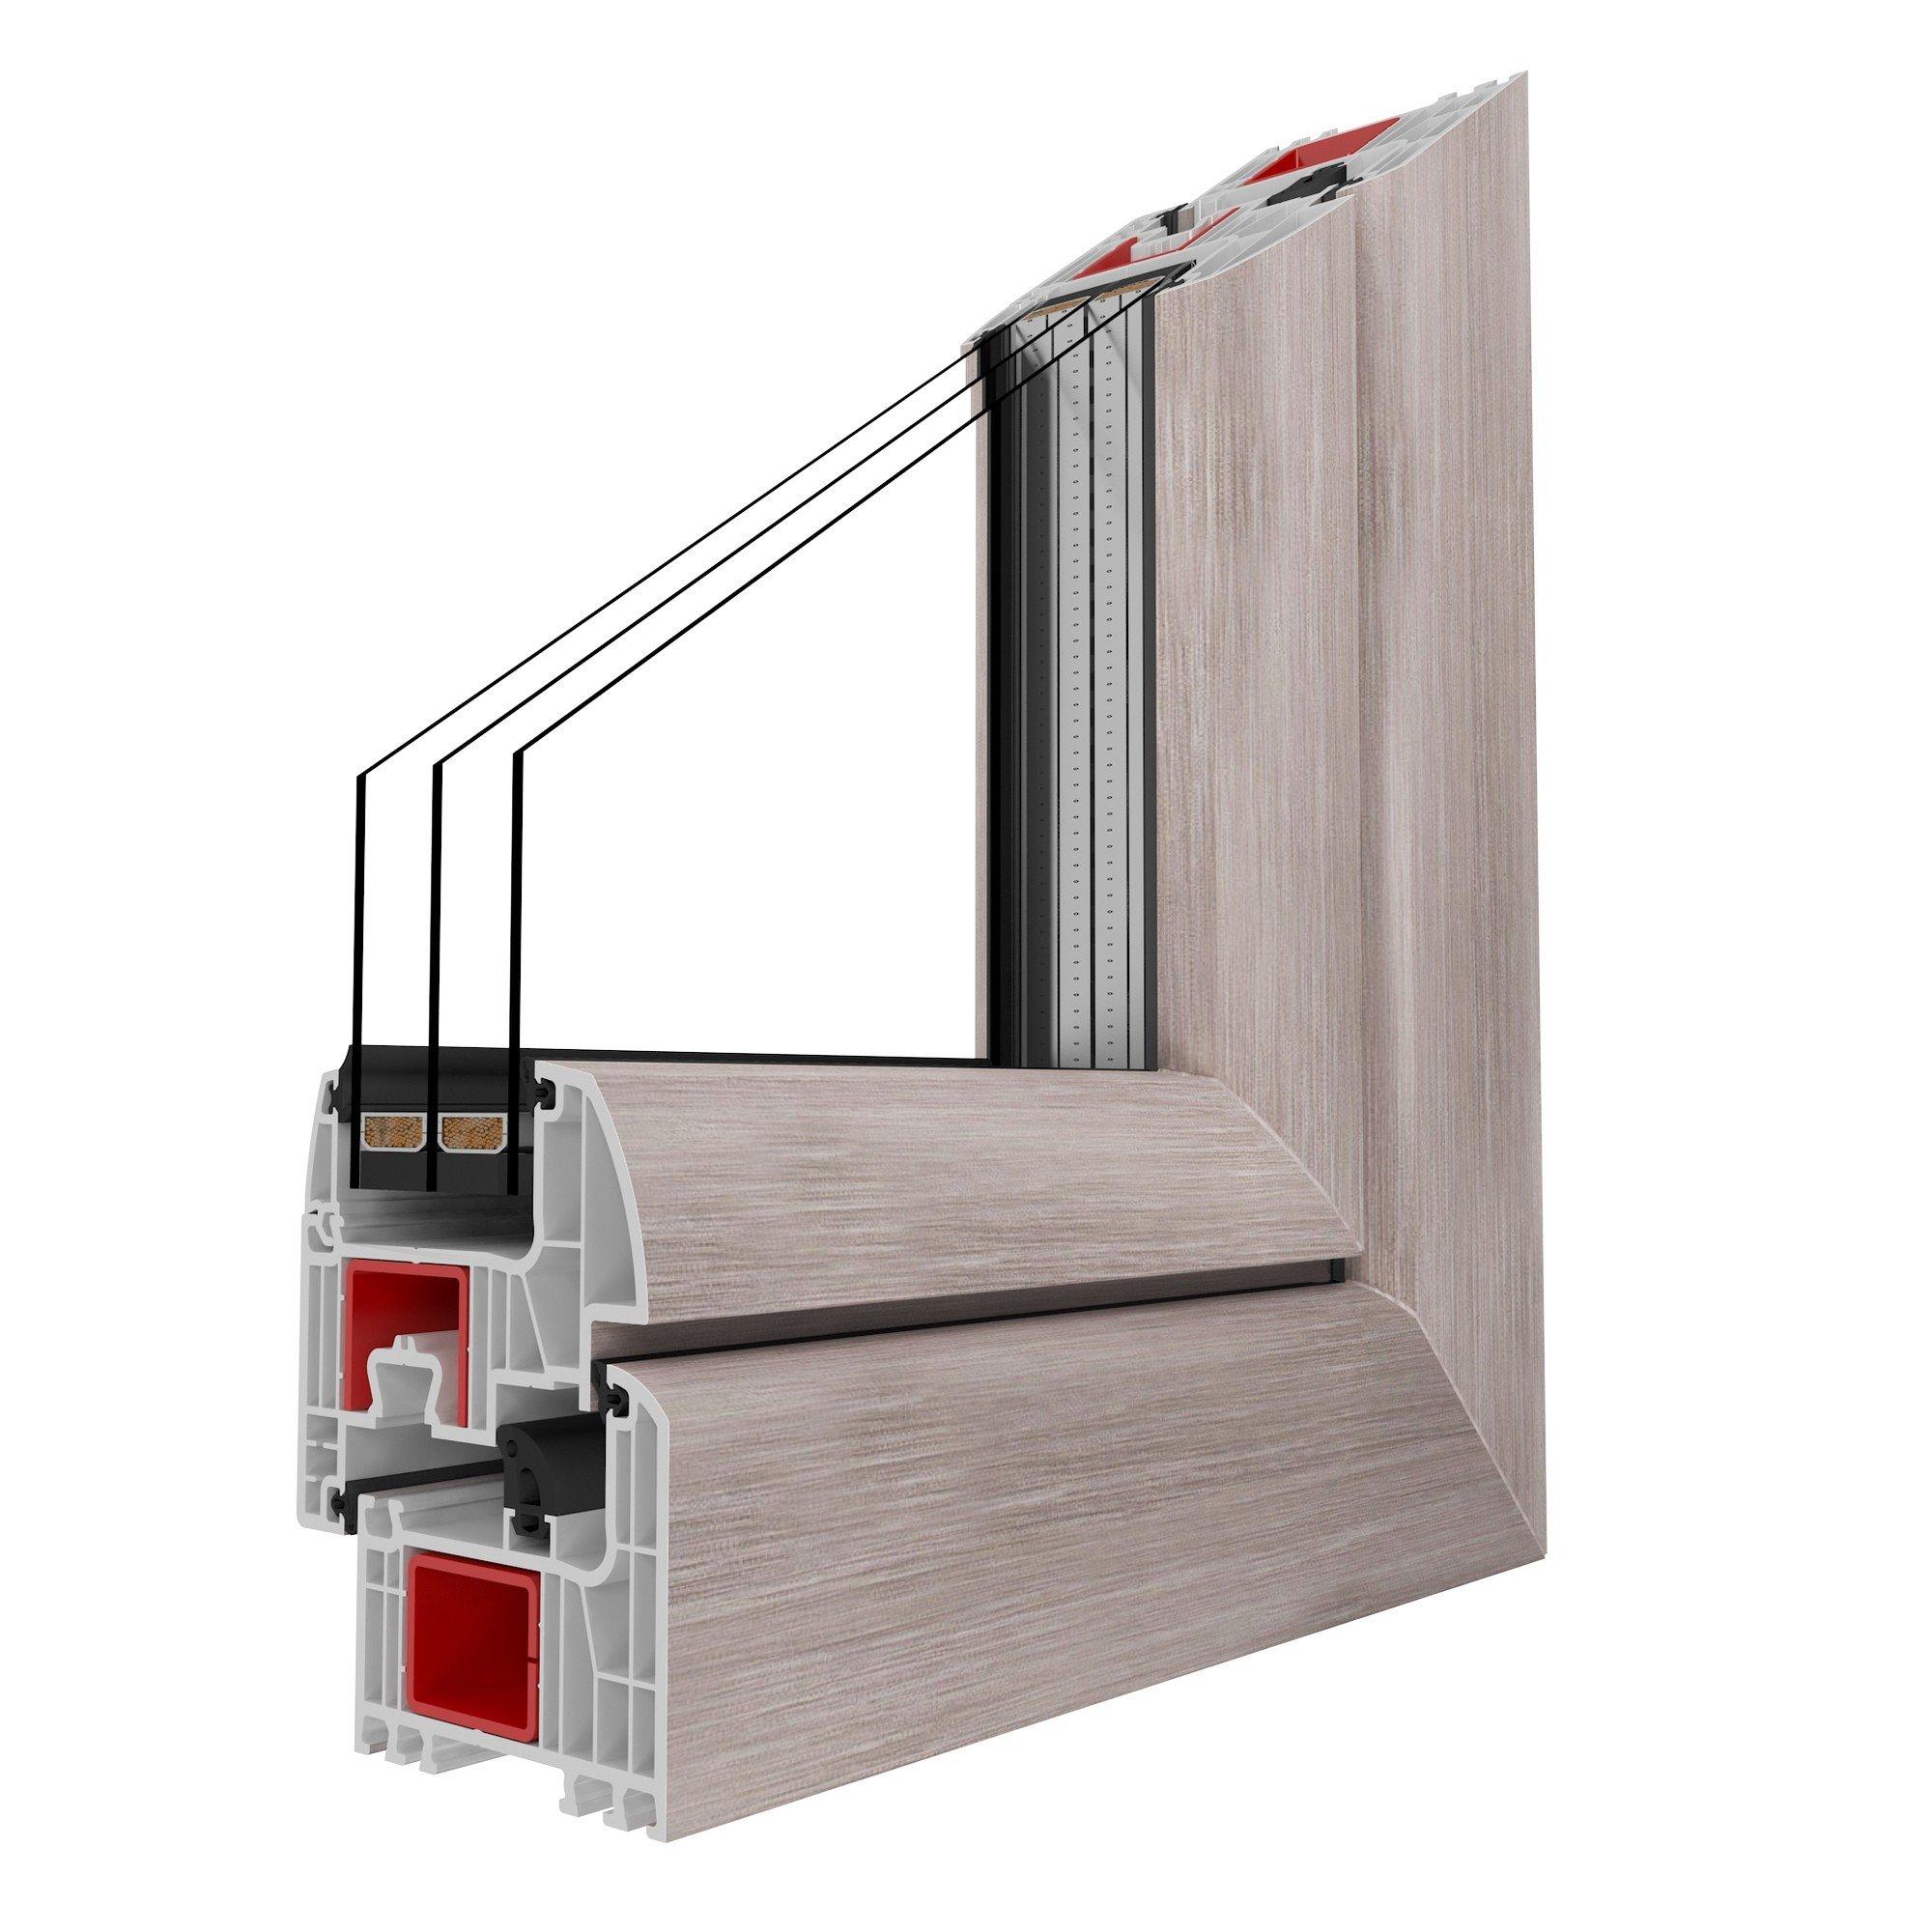 drutex s a pressroom drutex fenster jetzt in einer neuen modernen farbe. Black Bedroom Furniture Sets. Home Design Ideas